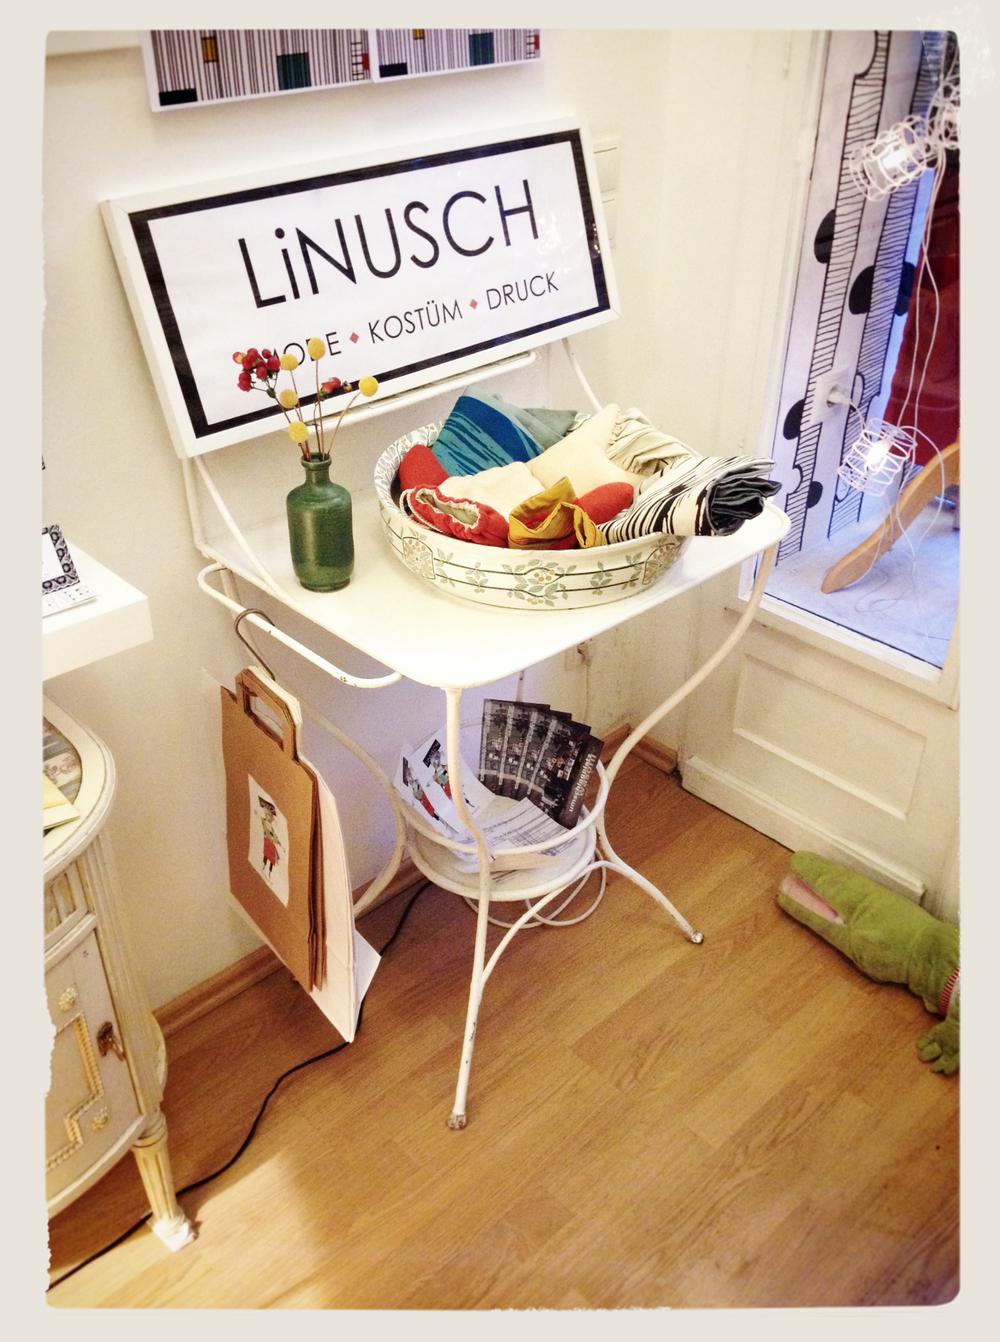 linusch2.jpg